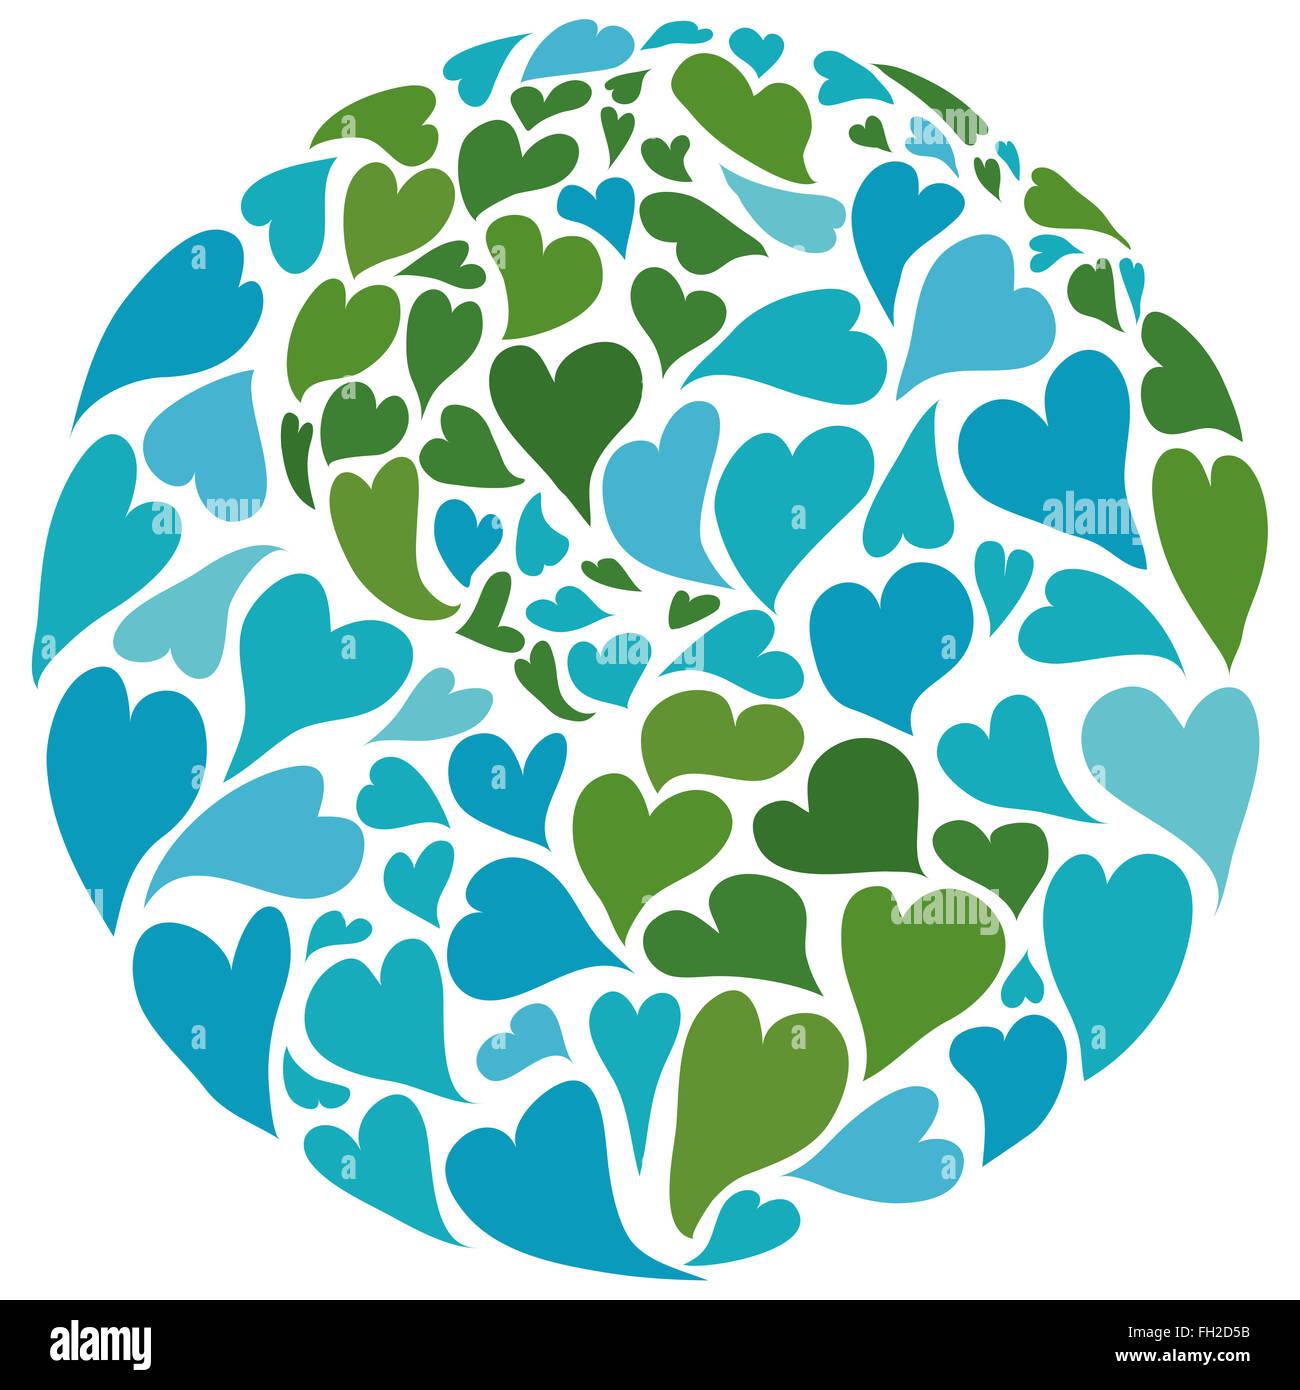 Planeta Tierra hecha de corazones. símbolo de la paz. Los Estados Unidos en el centro. Imagen De Stock